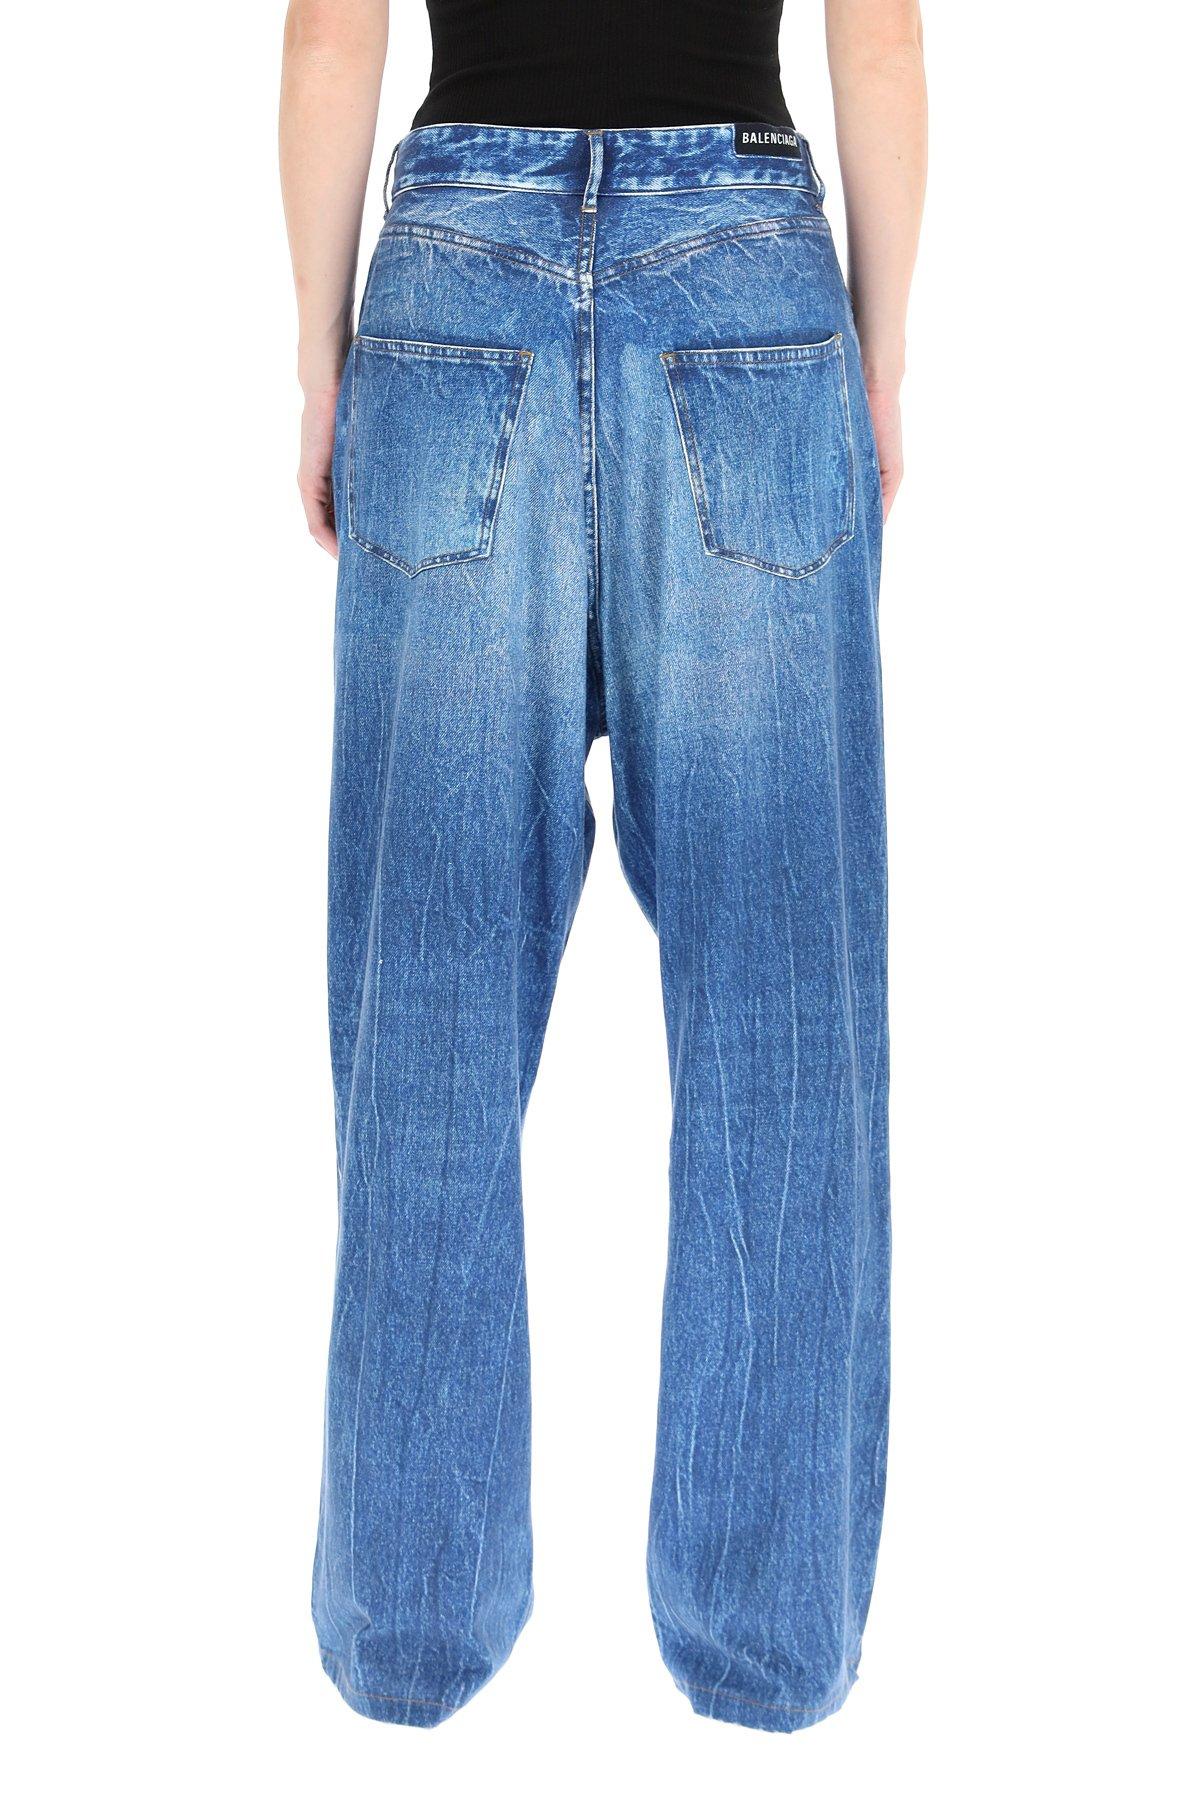 Balenciaga pantaloni trompe l'oeil vintage